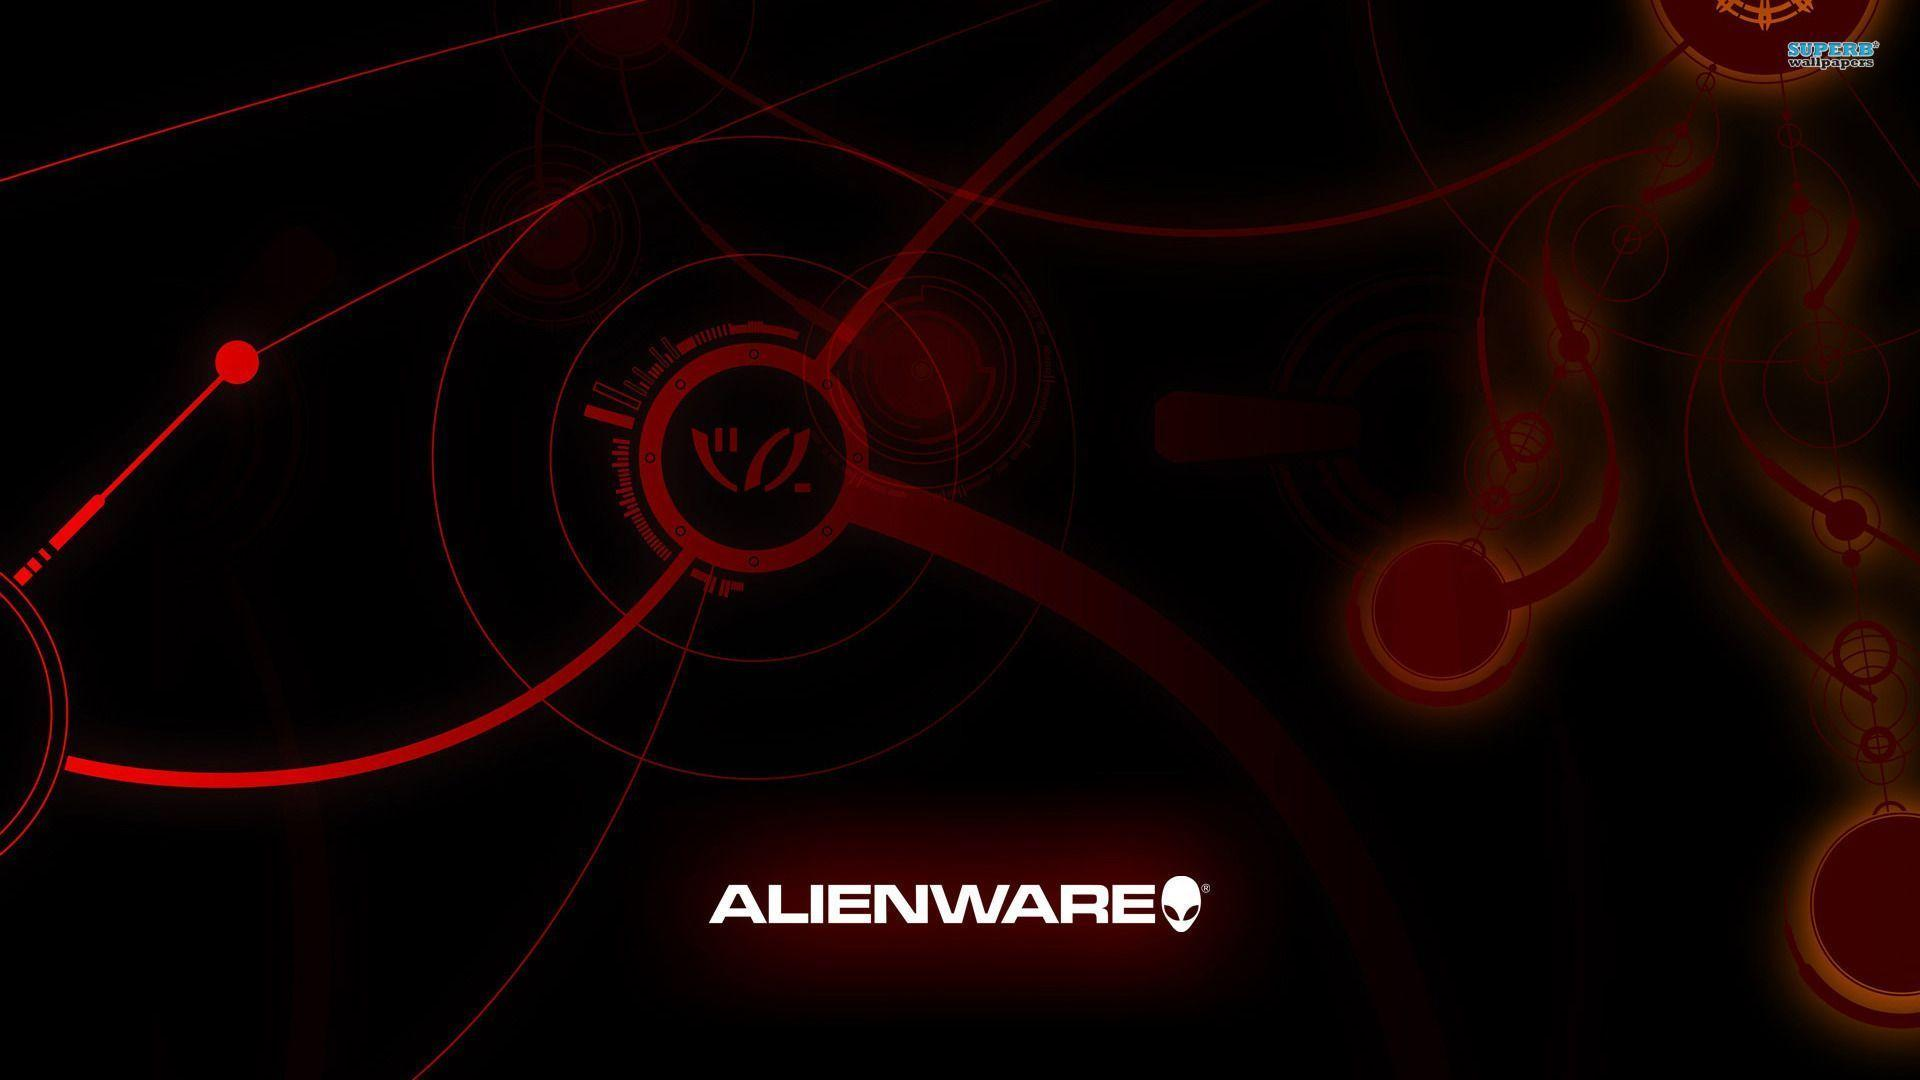 alienware 17 wallpaper - photo #17